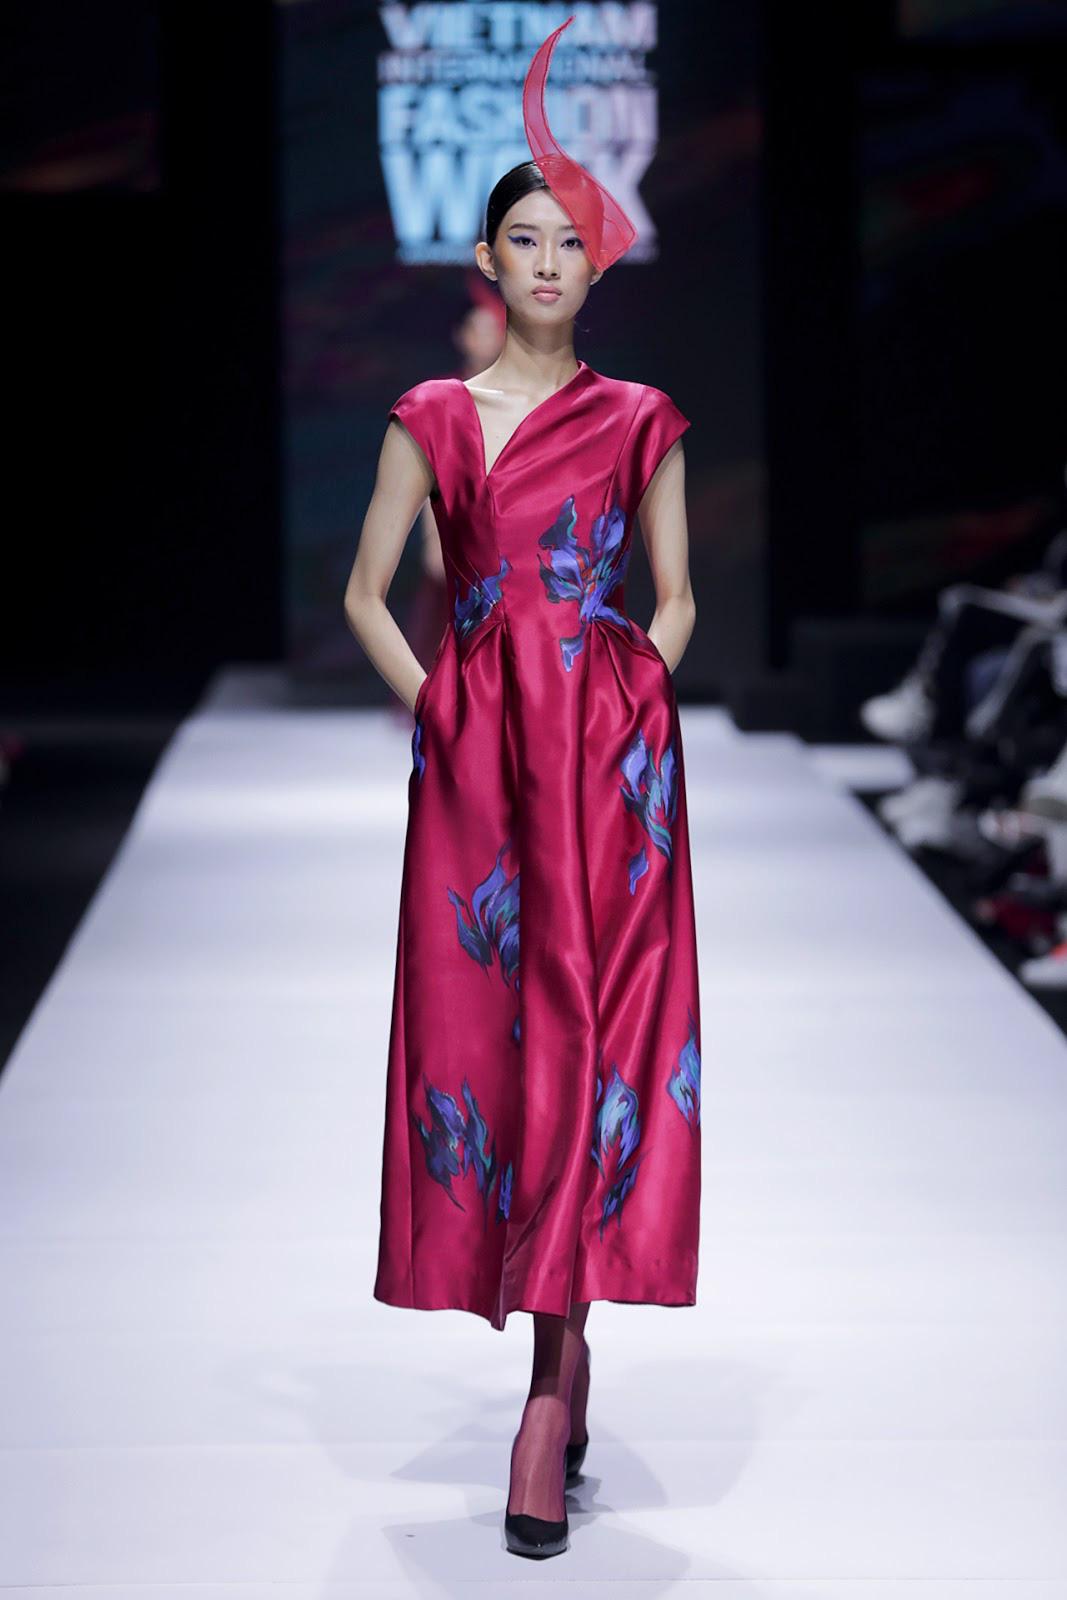 Vốn nổi tiếng là bậc thầy trong việc kết hợp nghệ thuật và thời trang, NTK Tiny Ink by Hoàng Quyên tiếp tục trình làng BST 'Keep Blooming' với những họa tiết thủ công uốn lượn trên nền lụa sắc sảo